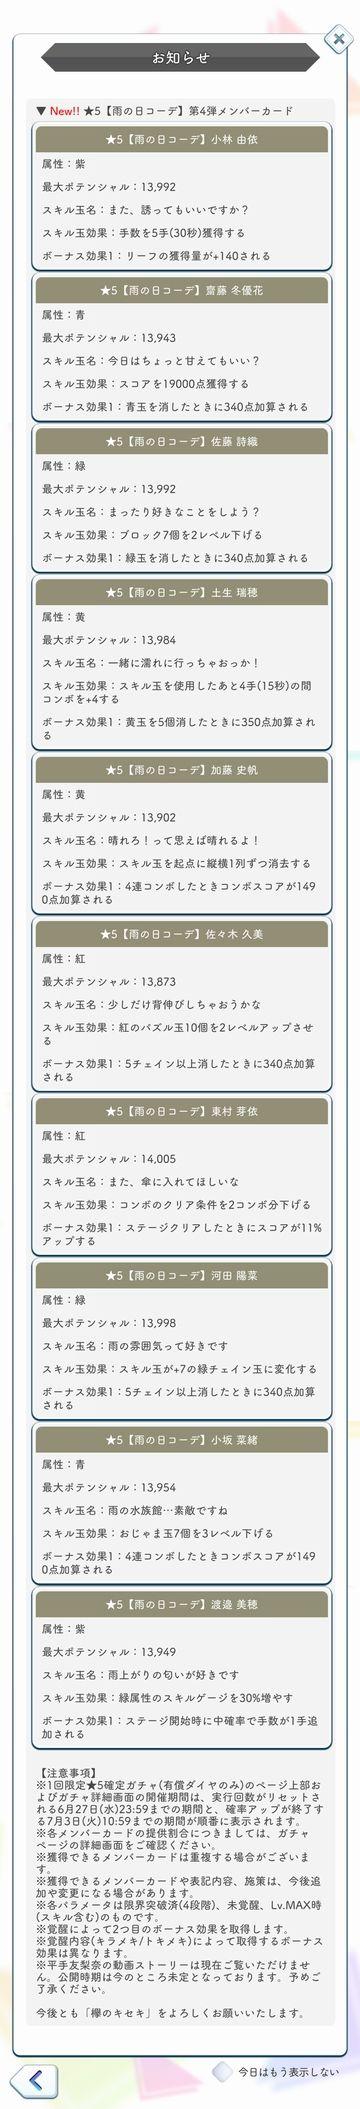 00 雨の日コーデ ガチャ詳細